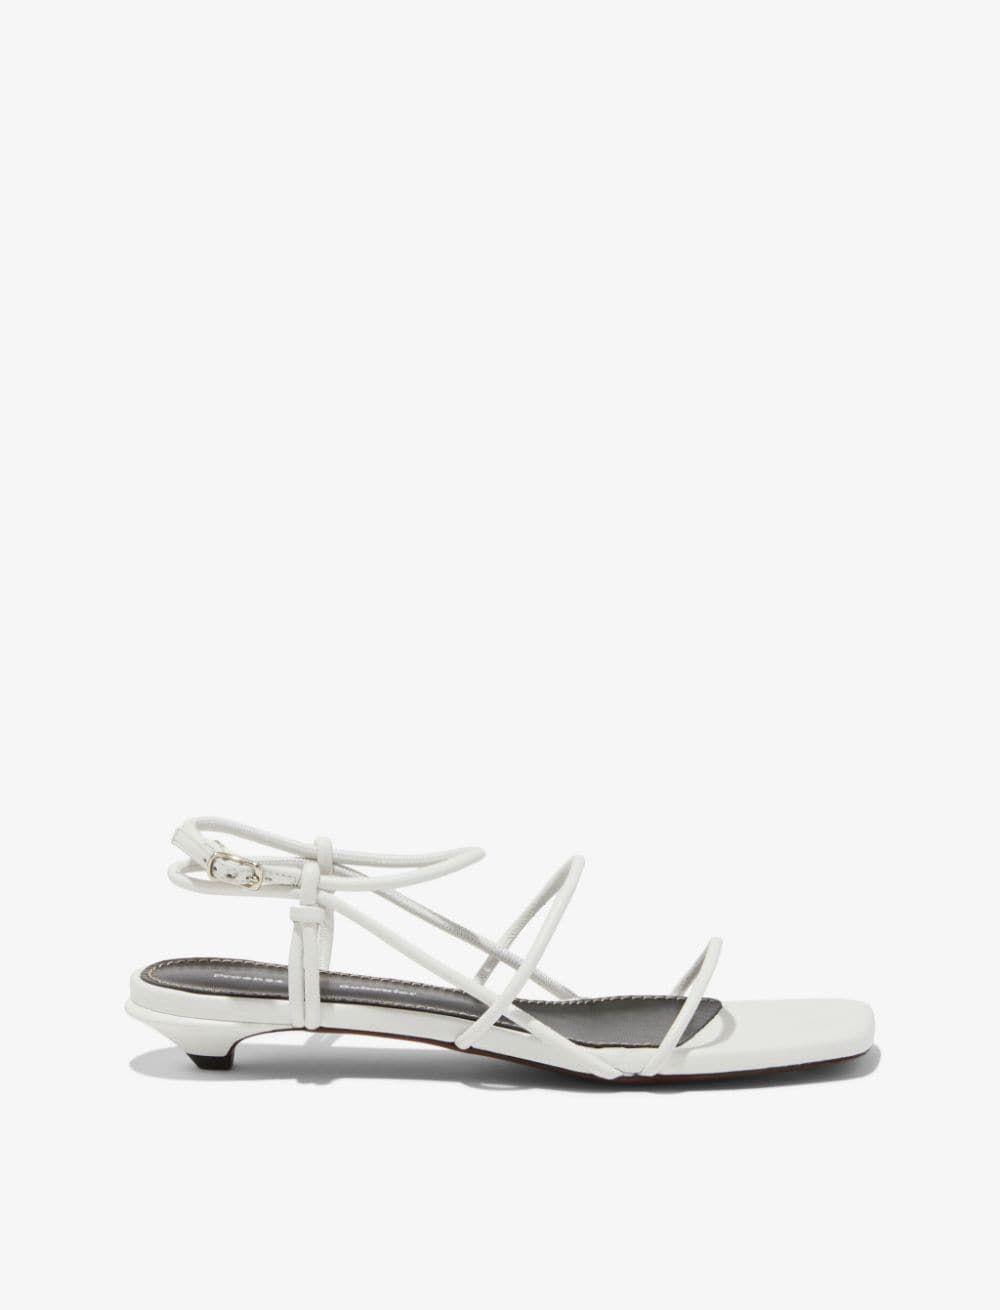 Proenza Schouler Strappy Low Kitten Heel Sandals White 41 Whitekittens Kitten Heel Sandals Sandals Heels White Sandals Heels